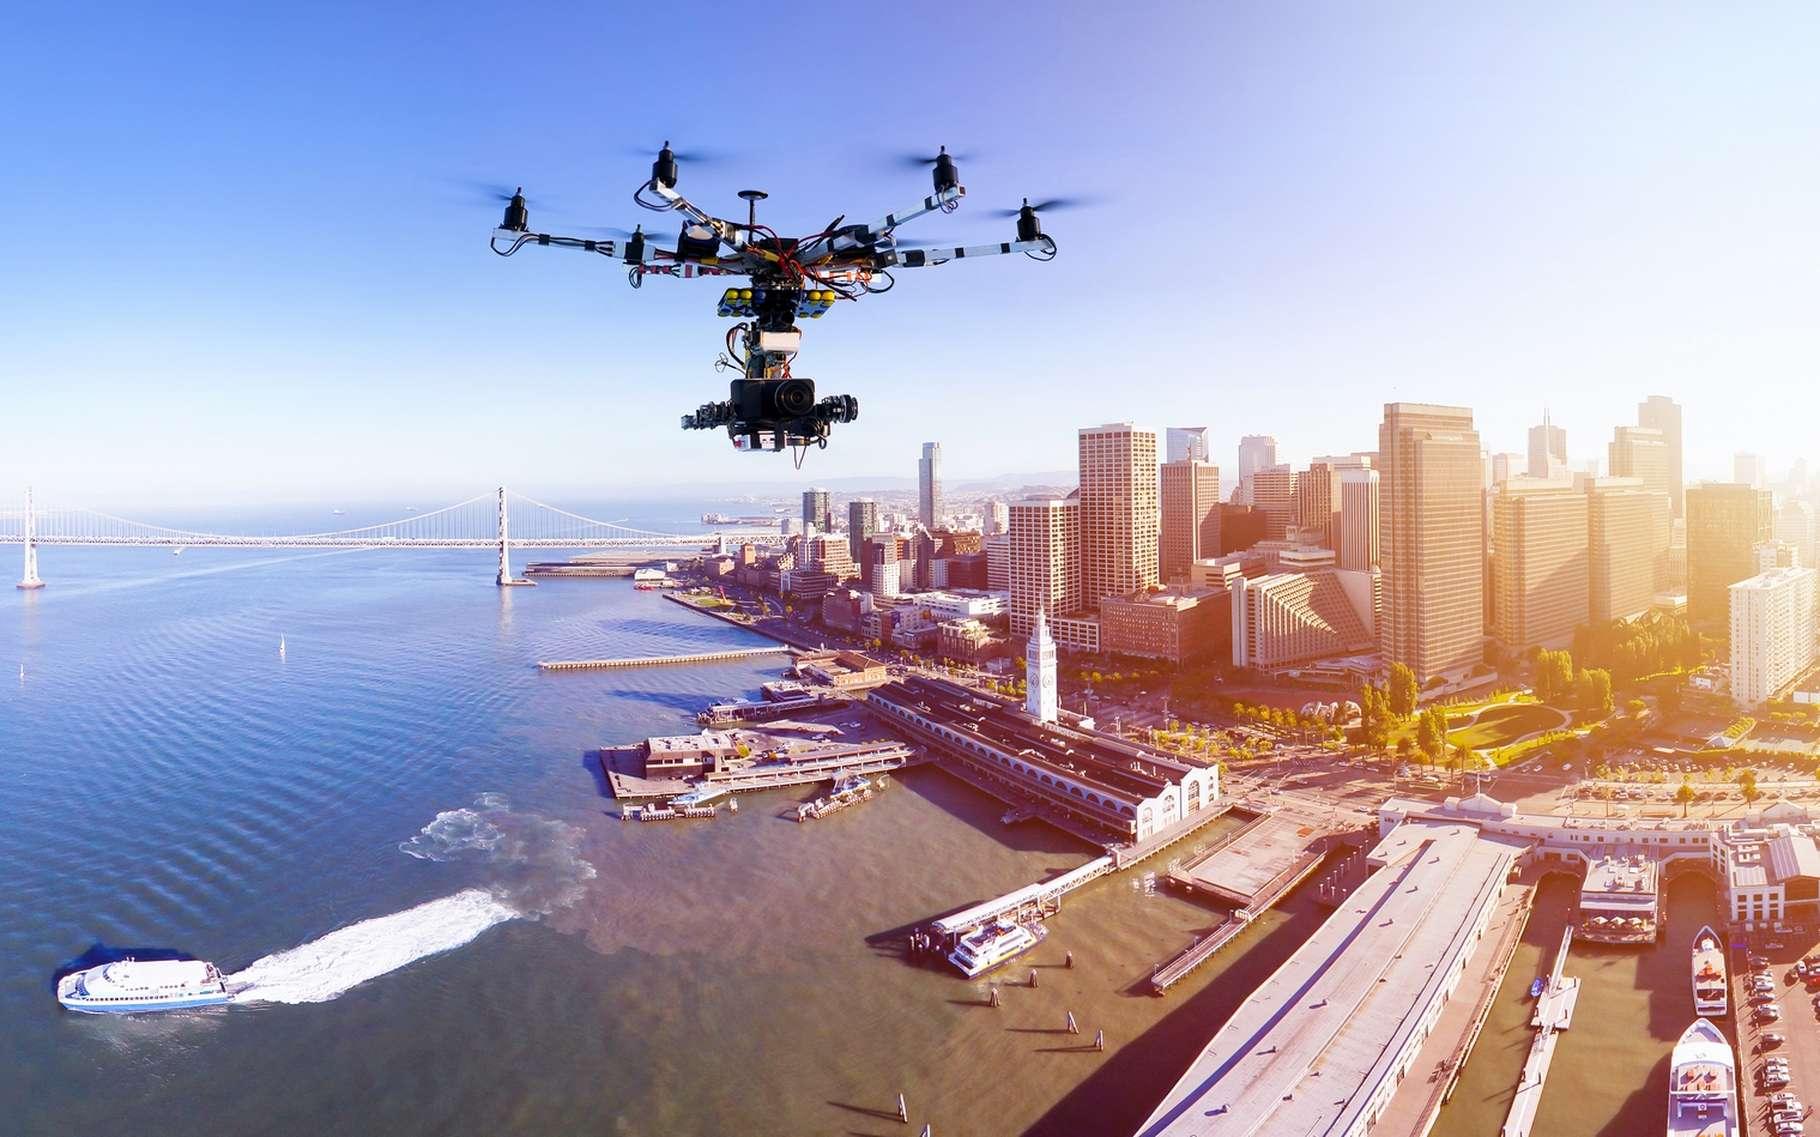 L'avènement de services commerciaux utilisant des drones est actuellement contraint par les limites de distance techniquement possibles et autorisées d'un point de vue légal. © Alexey Yuzhakov, Shutterstock